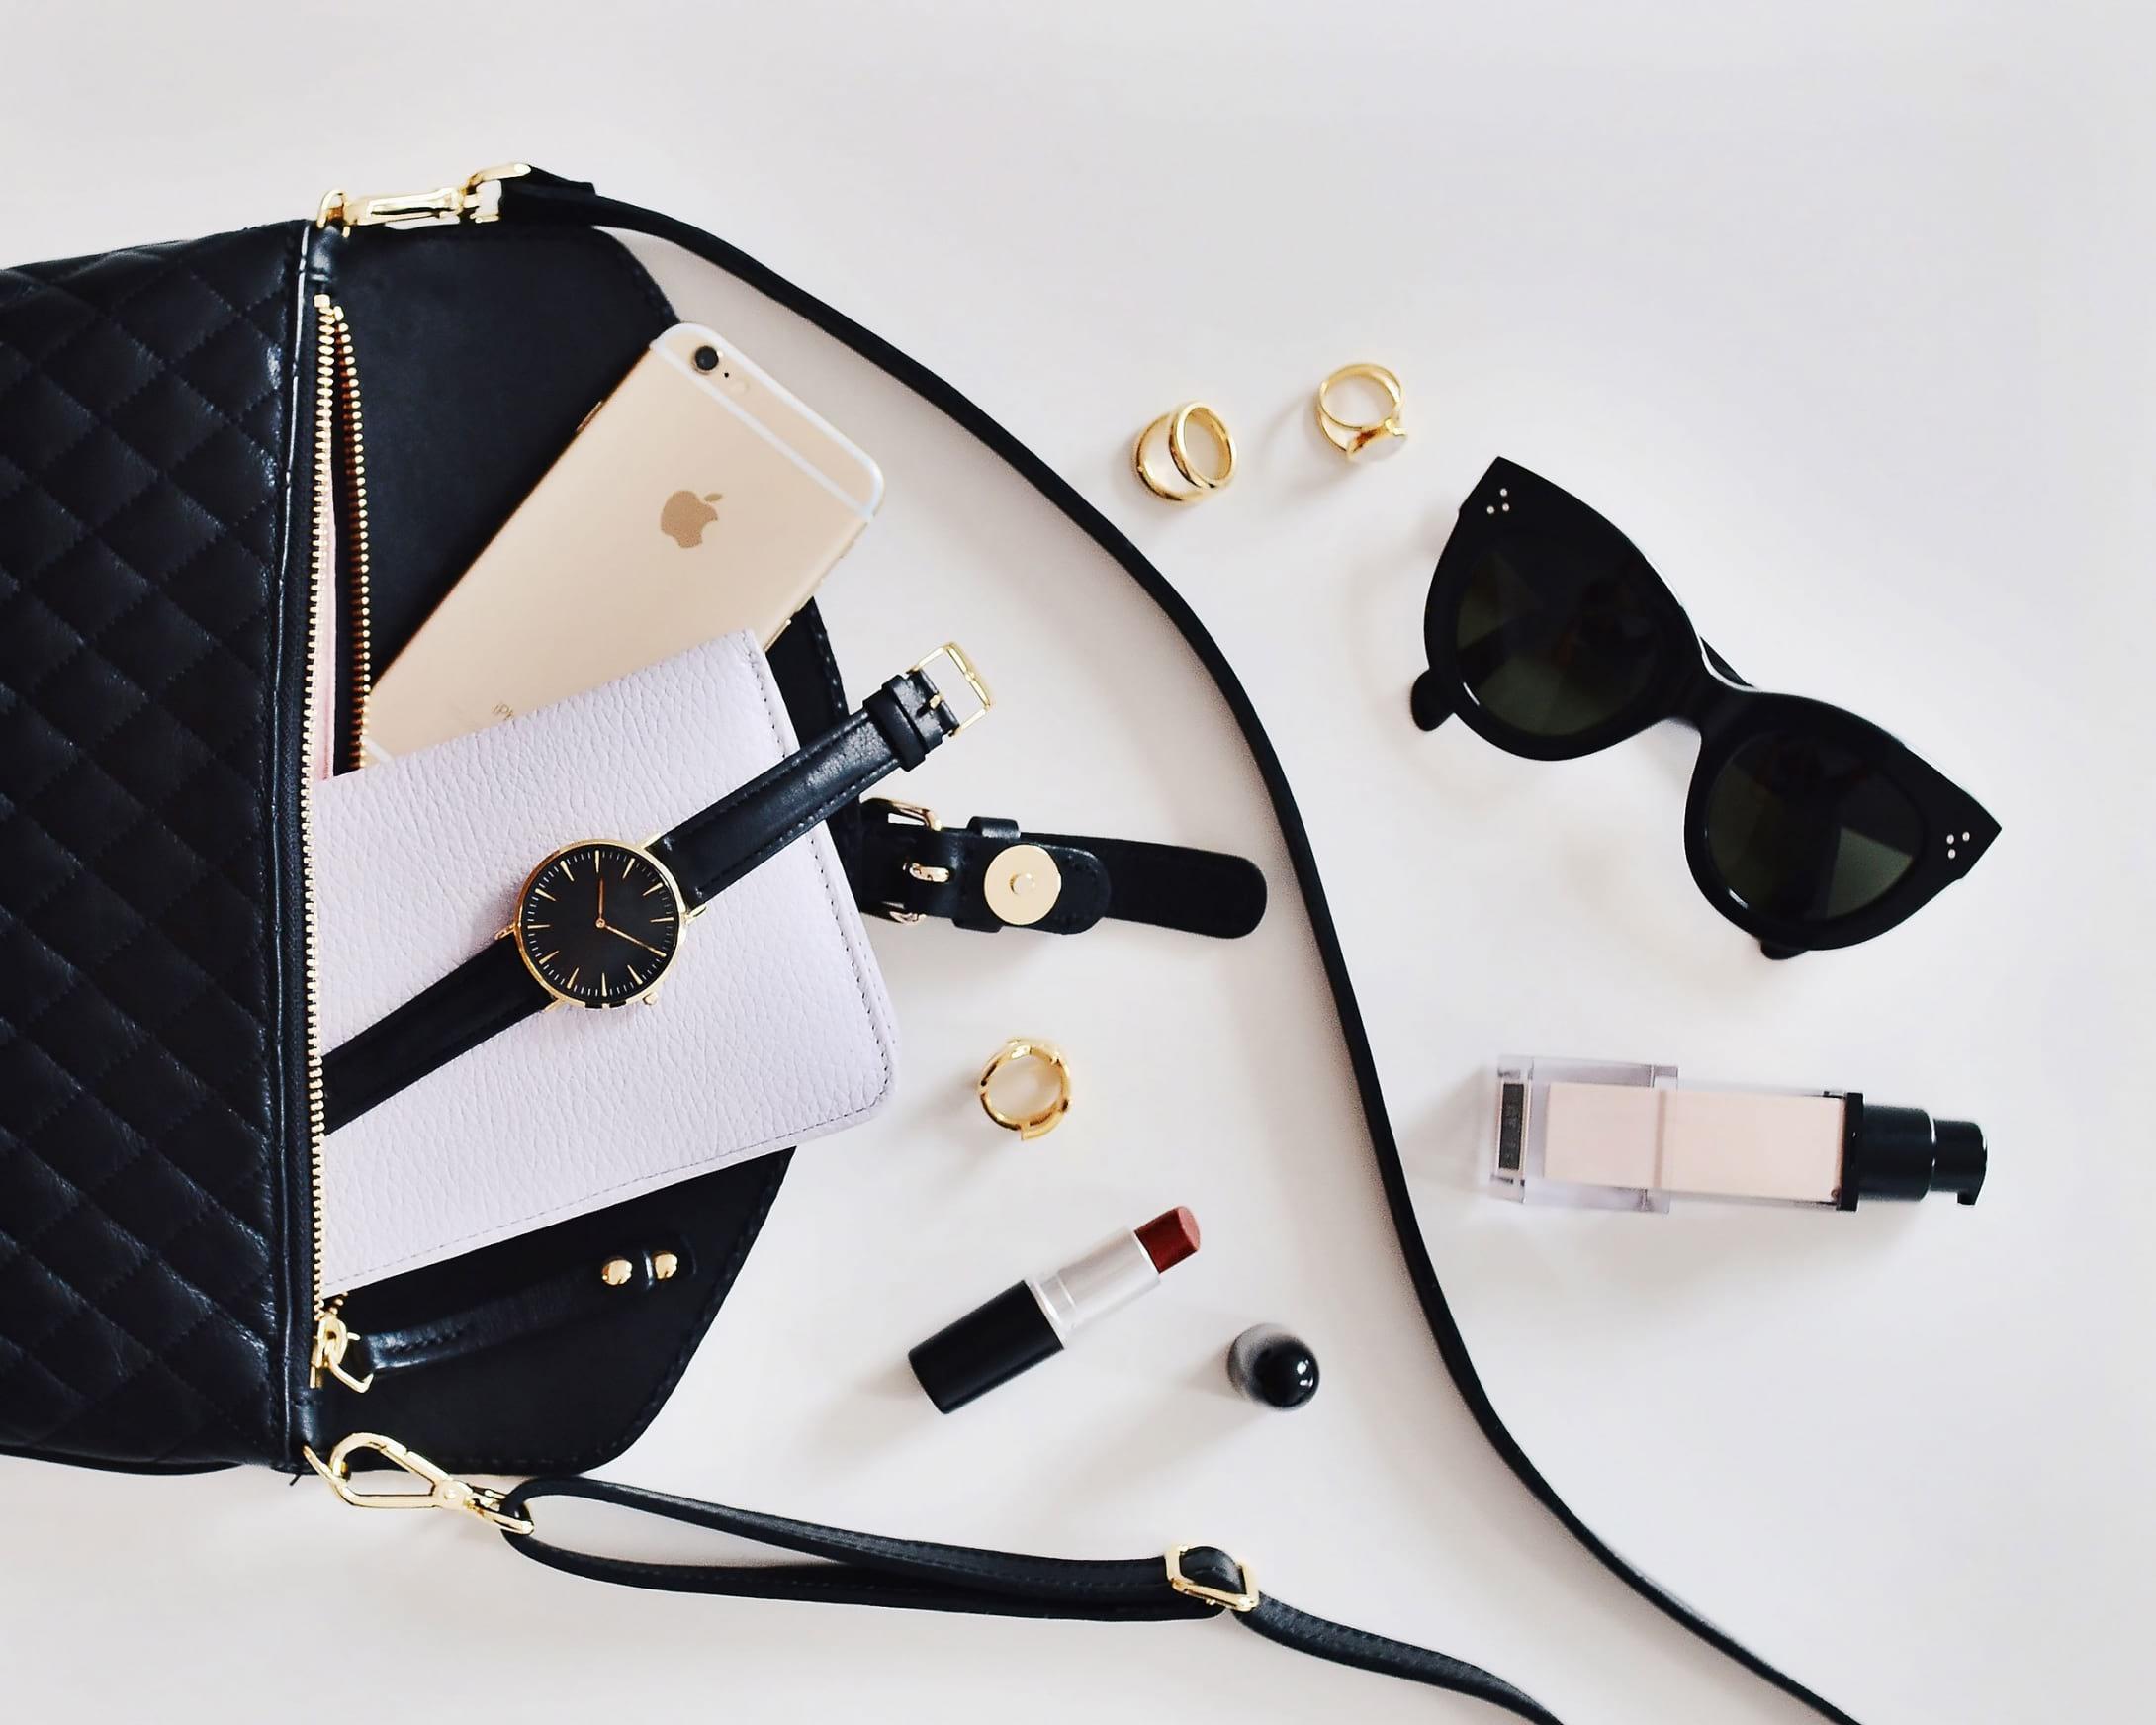 Här kan du köpa snygga accessoarer i Stockholm